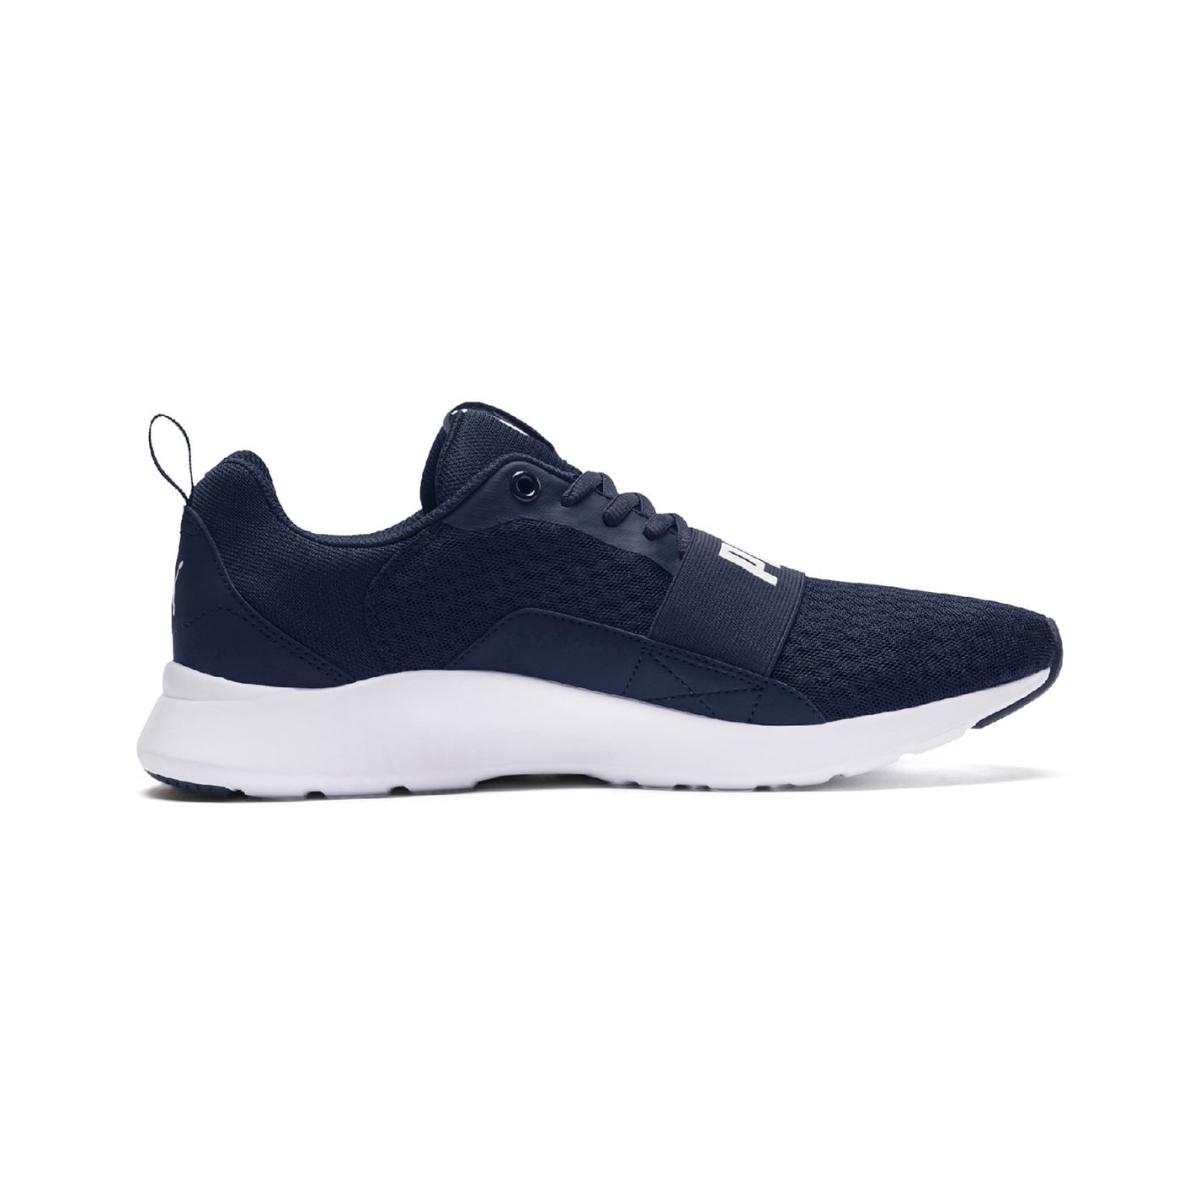 Puma-Wired-senores-zapatillas-de-deporte-zapatillas-para-correr-cortos-calzado-deportivo-fitness miniatura 14